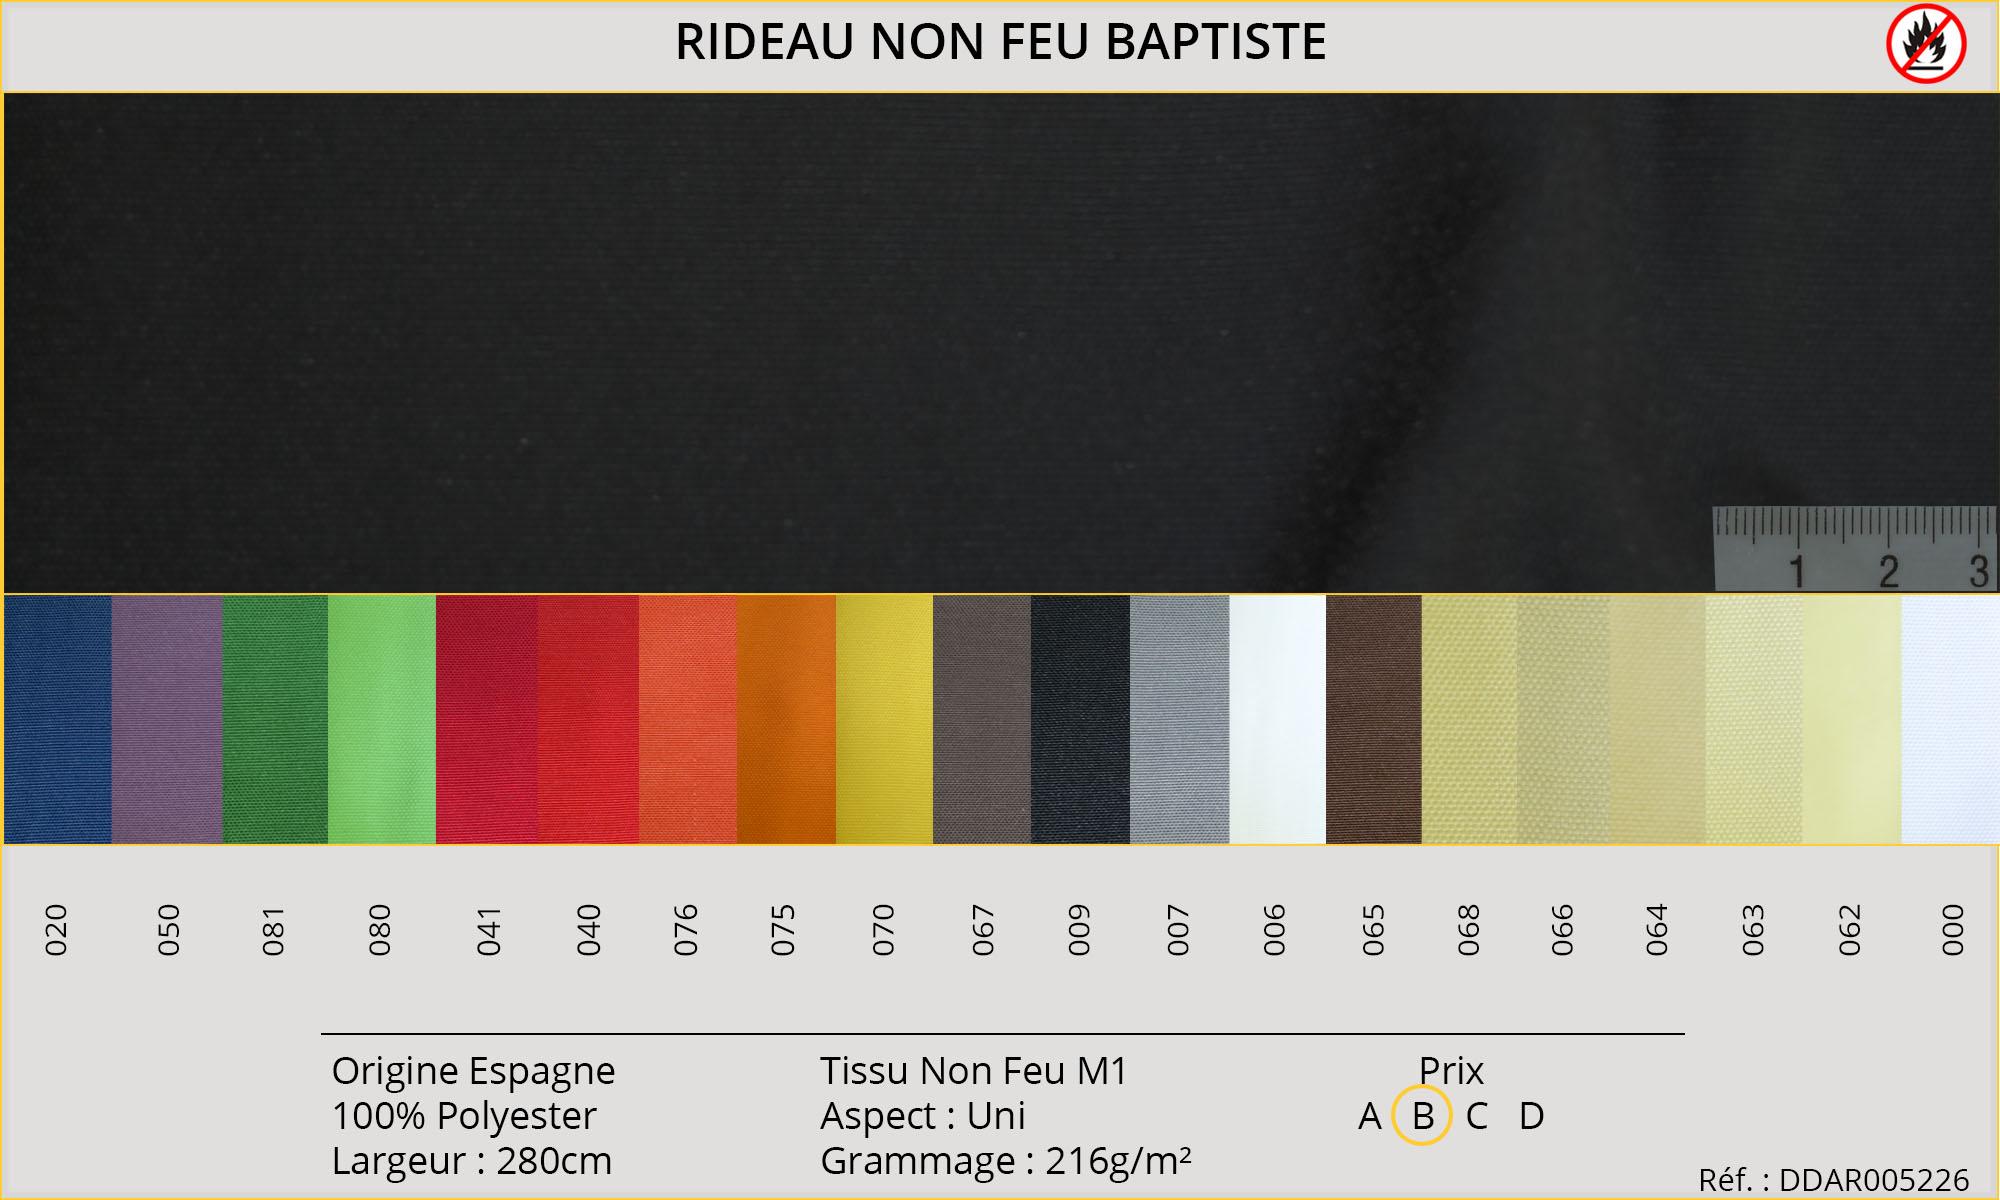 Rideaux-Hôtels certifiés Non Feu M1 Baptiste